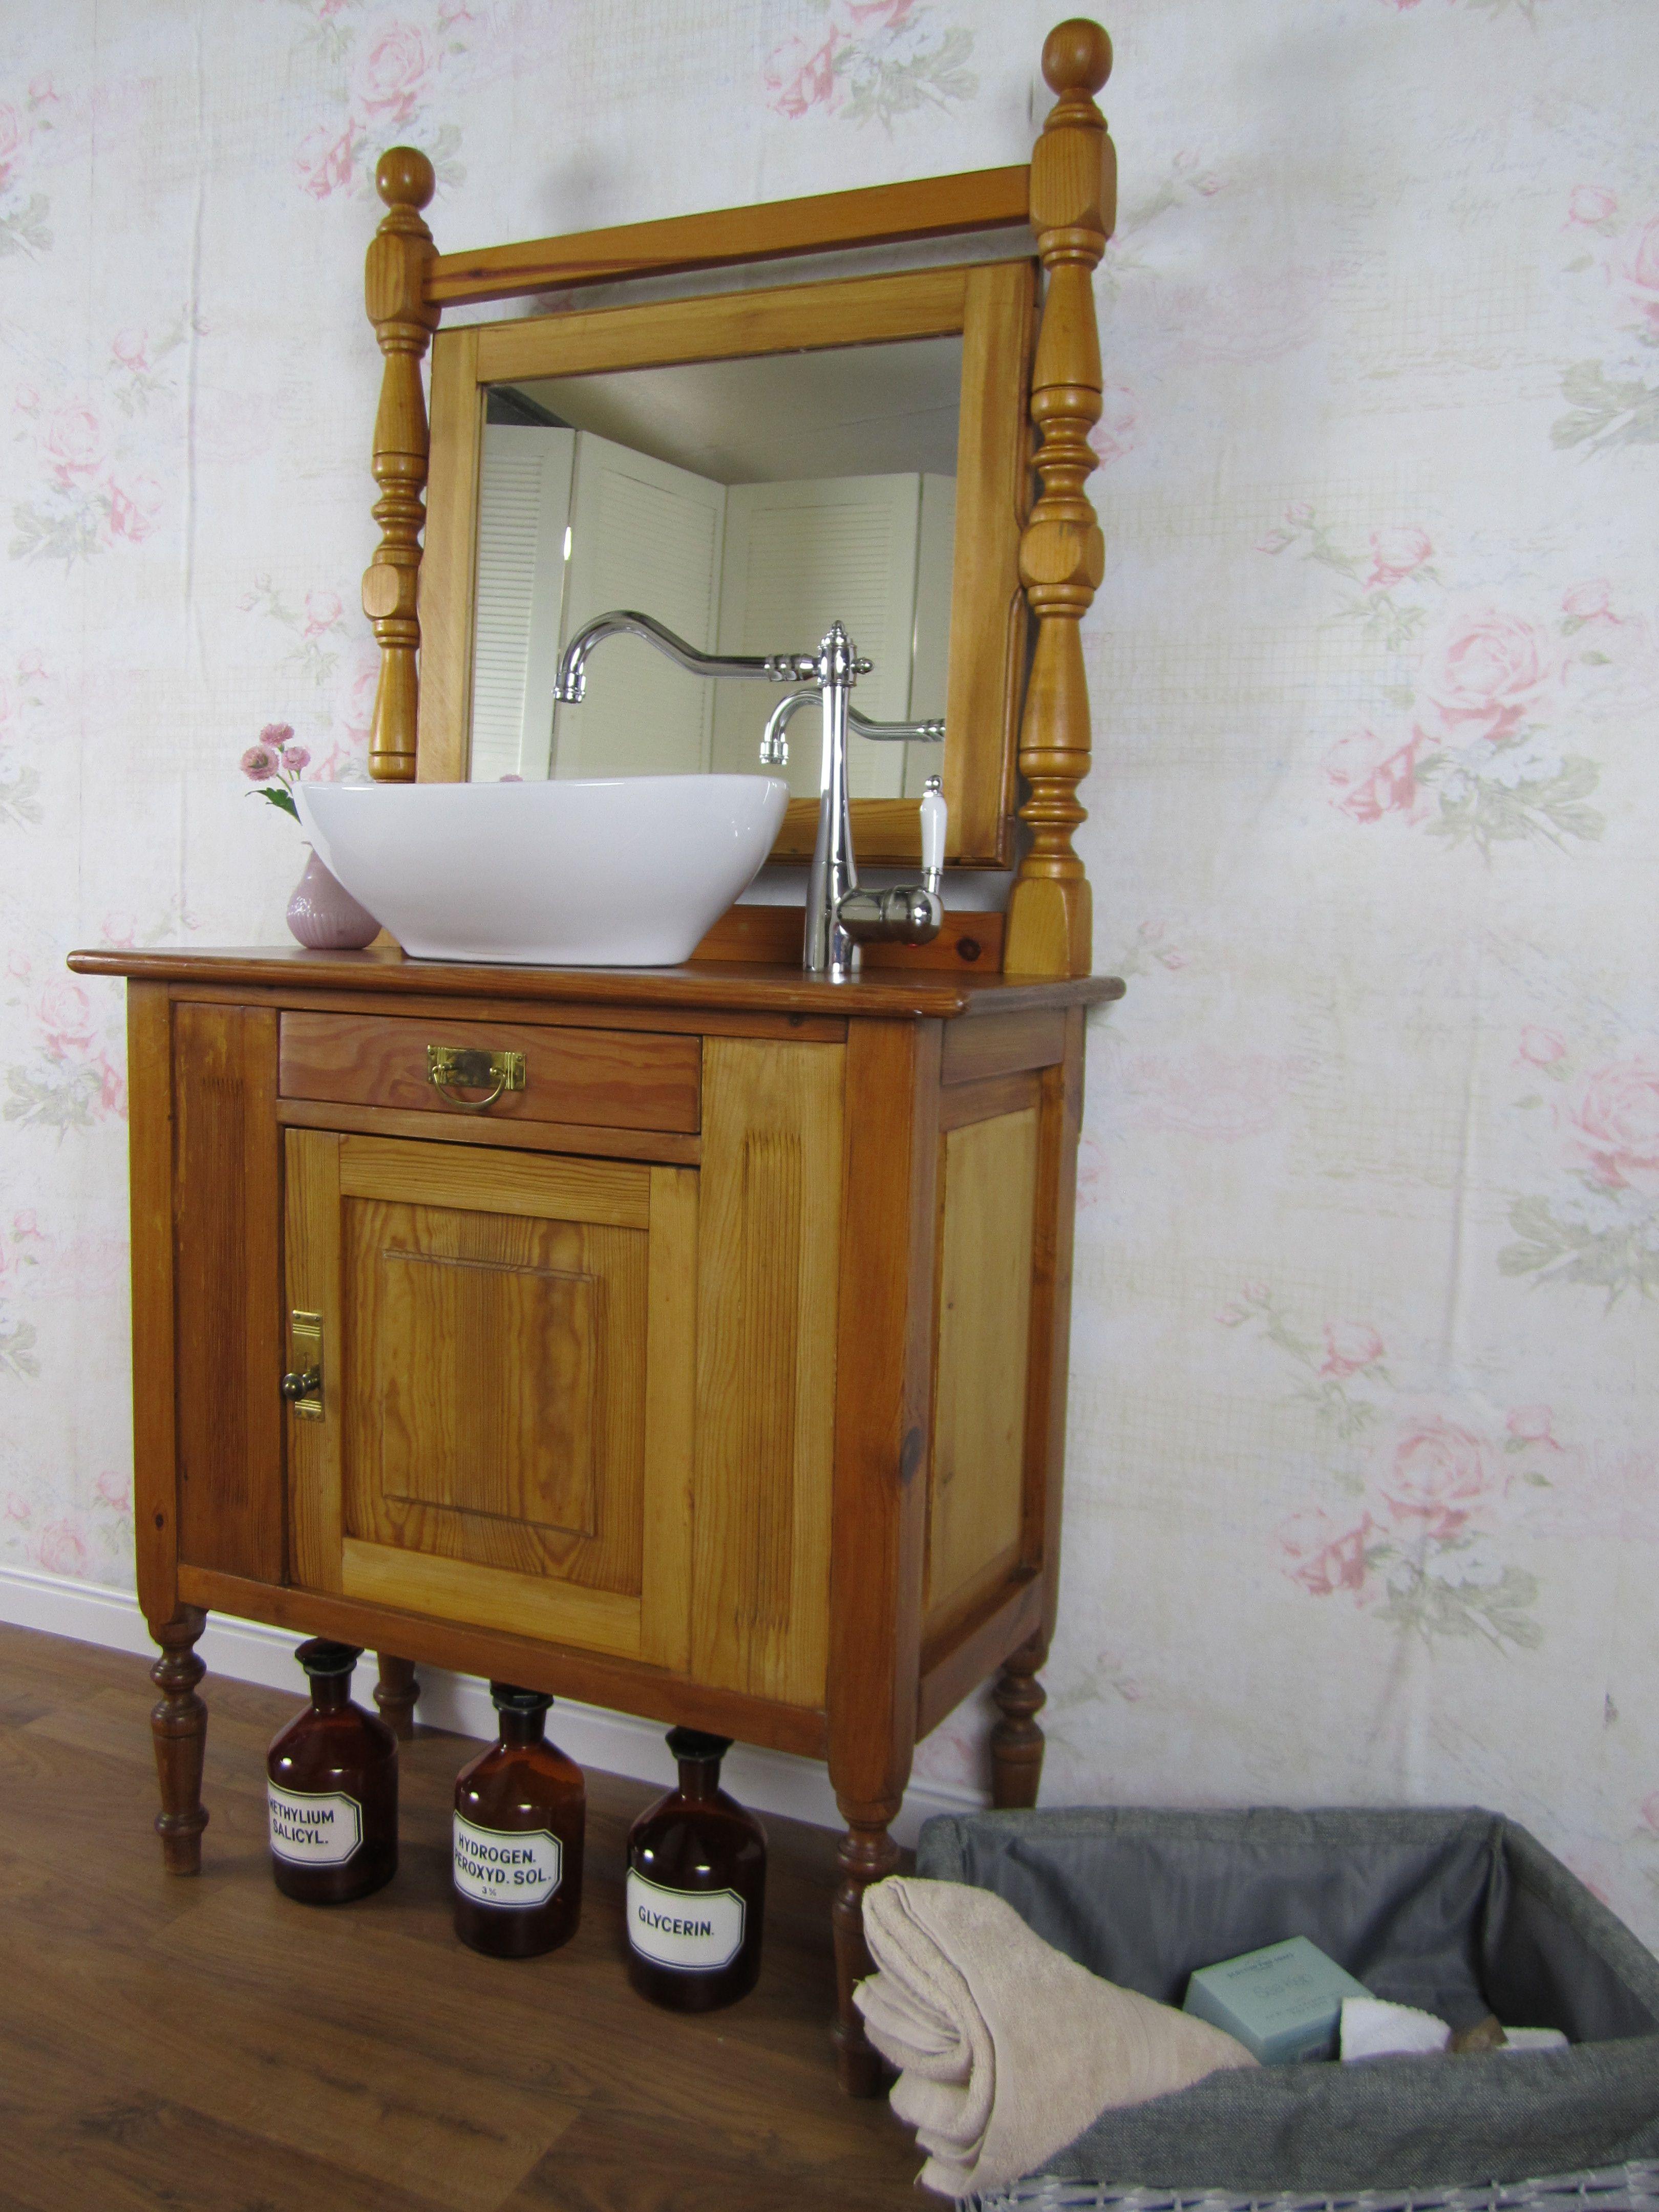 Wildeve Waschtisch Nostalgie Waschtisch Klein Waschtisch Holz